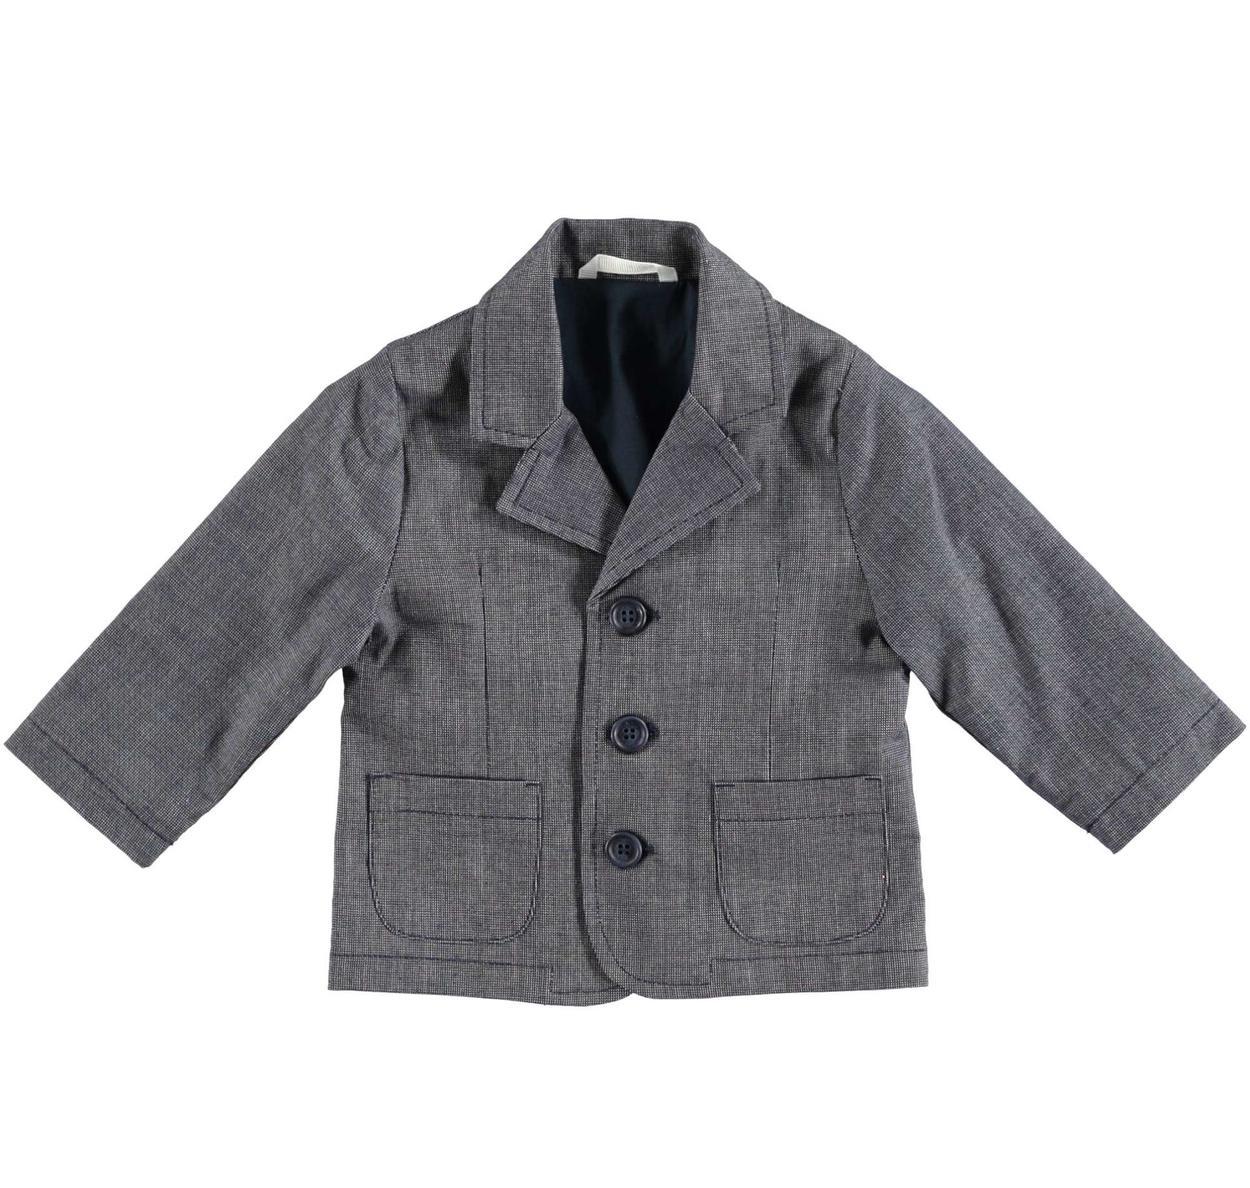 2059bd40c7 elegante-giacca-fantasia-puntini-per-neo-navy-fronte-01-0243u67500-3854.jpg